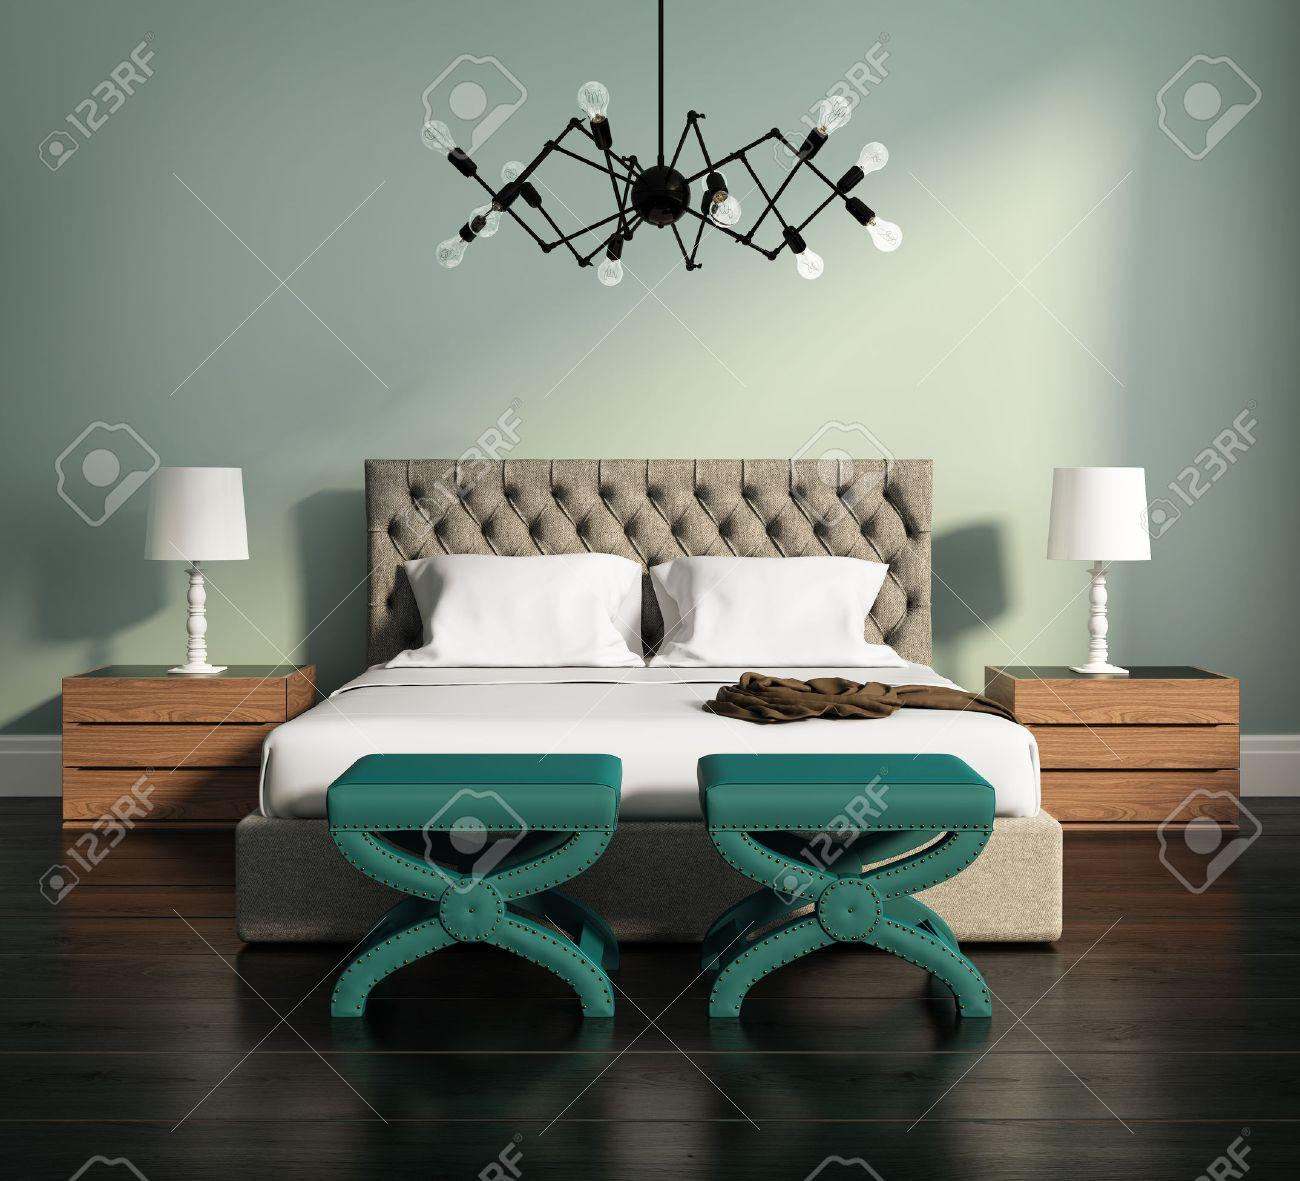 Moderne elegante grüne luxus schlafzimmer mit hocker und lederbett lizenzfreie bilder 27207280